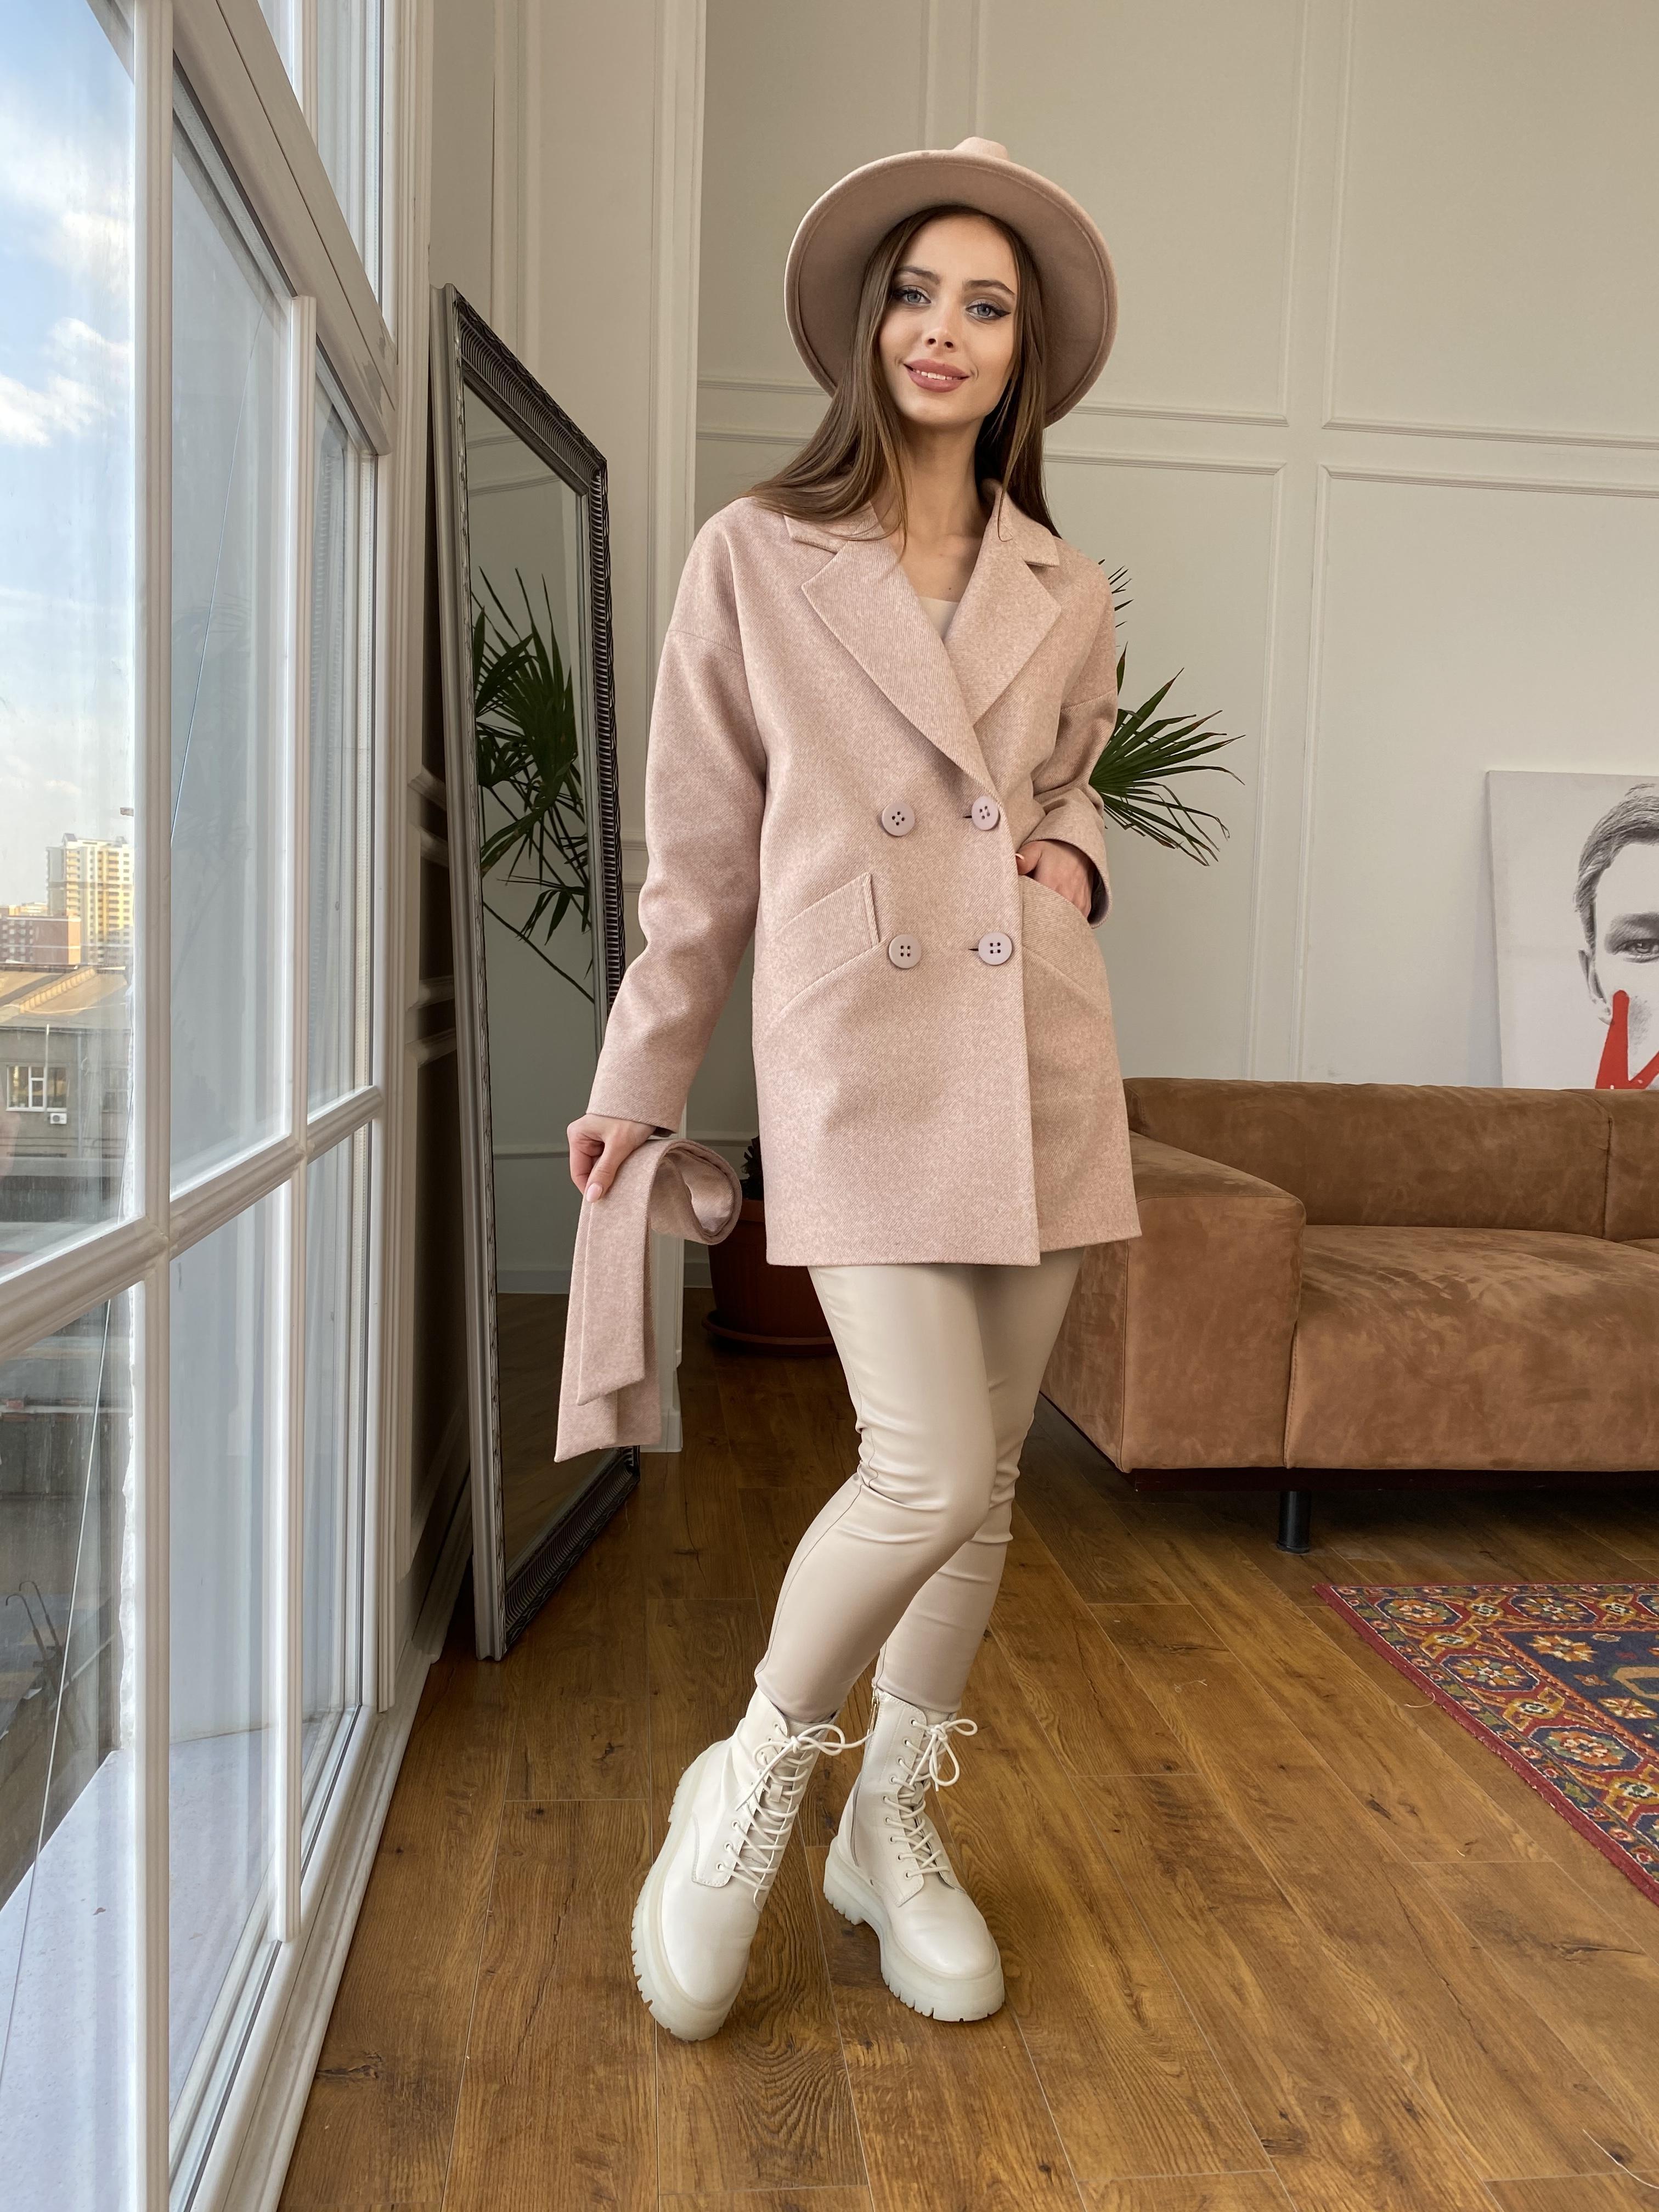 Бонд Диагональ пальто из пальтовой ткани  10757 АРТ. 47190 Цвет: Бежевый меланж 3 - фото 7, интернет магазин tm-modus.ru